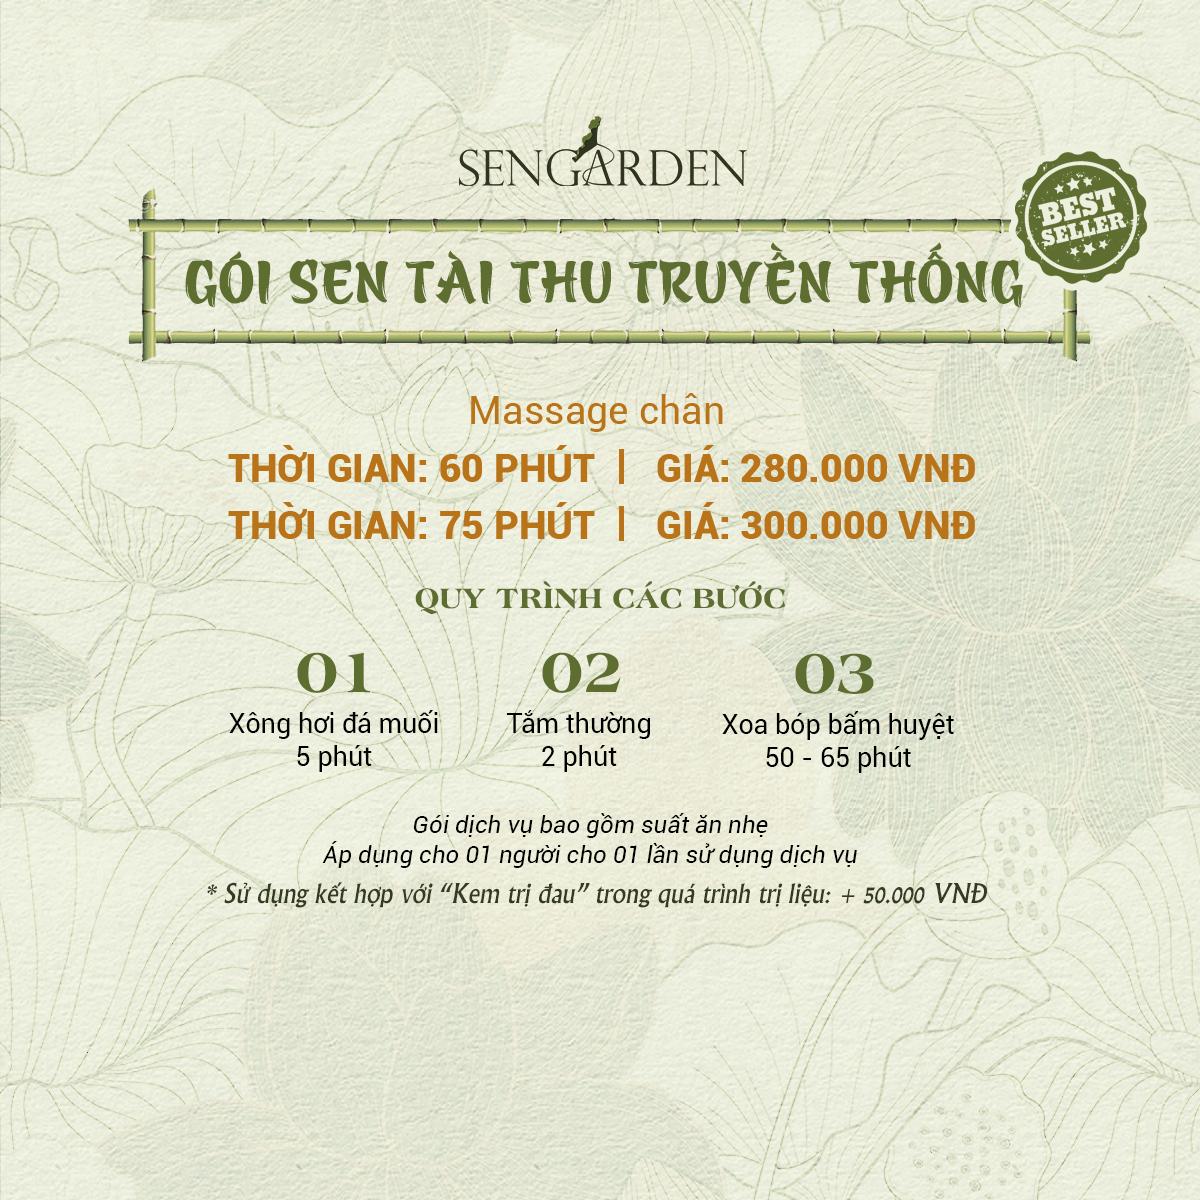 Bảng giá Sen Tài Thu - Sen Garden - Gói trị liệu truyền thống